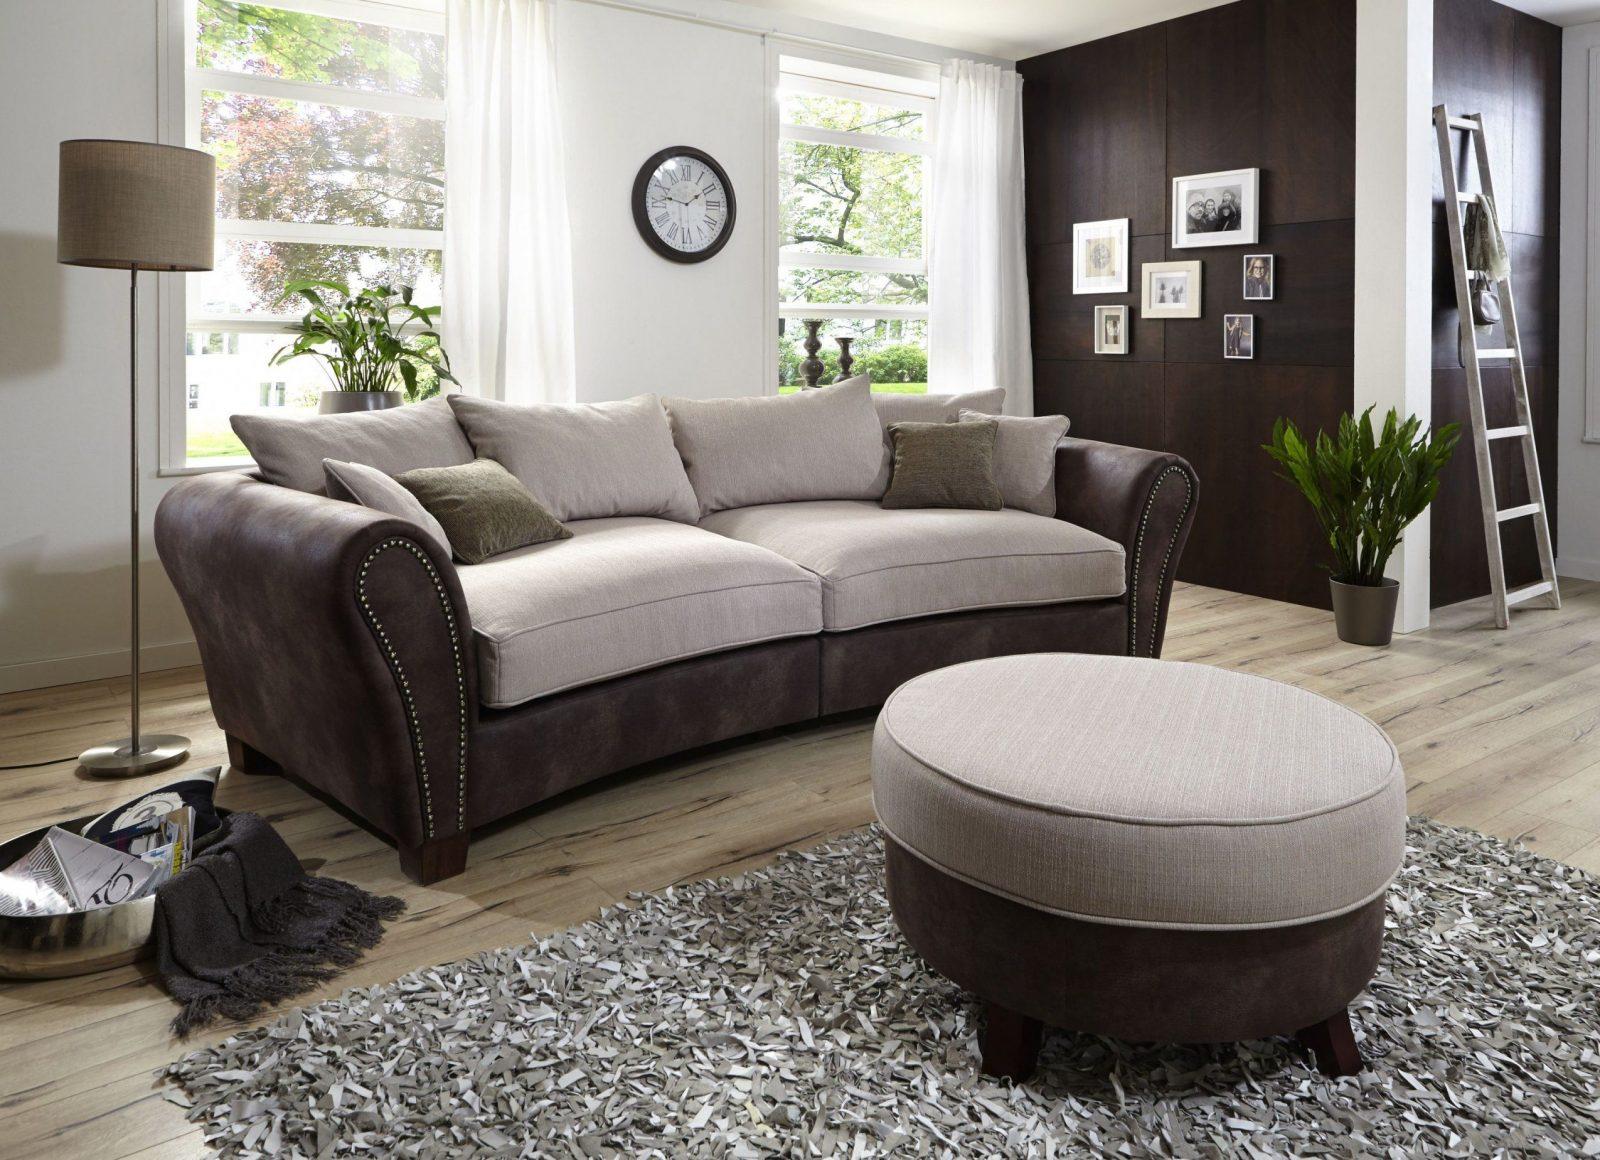 Big Sofa Hudson Möbel Wohnzimmer Sofas & Couches von Big Sofa Auf Raten Bild